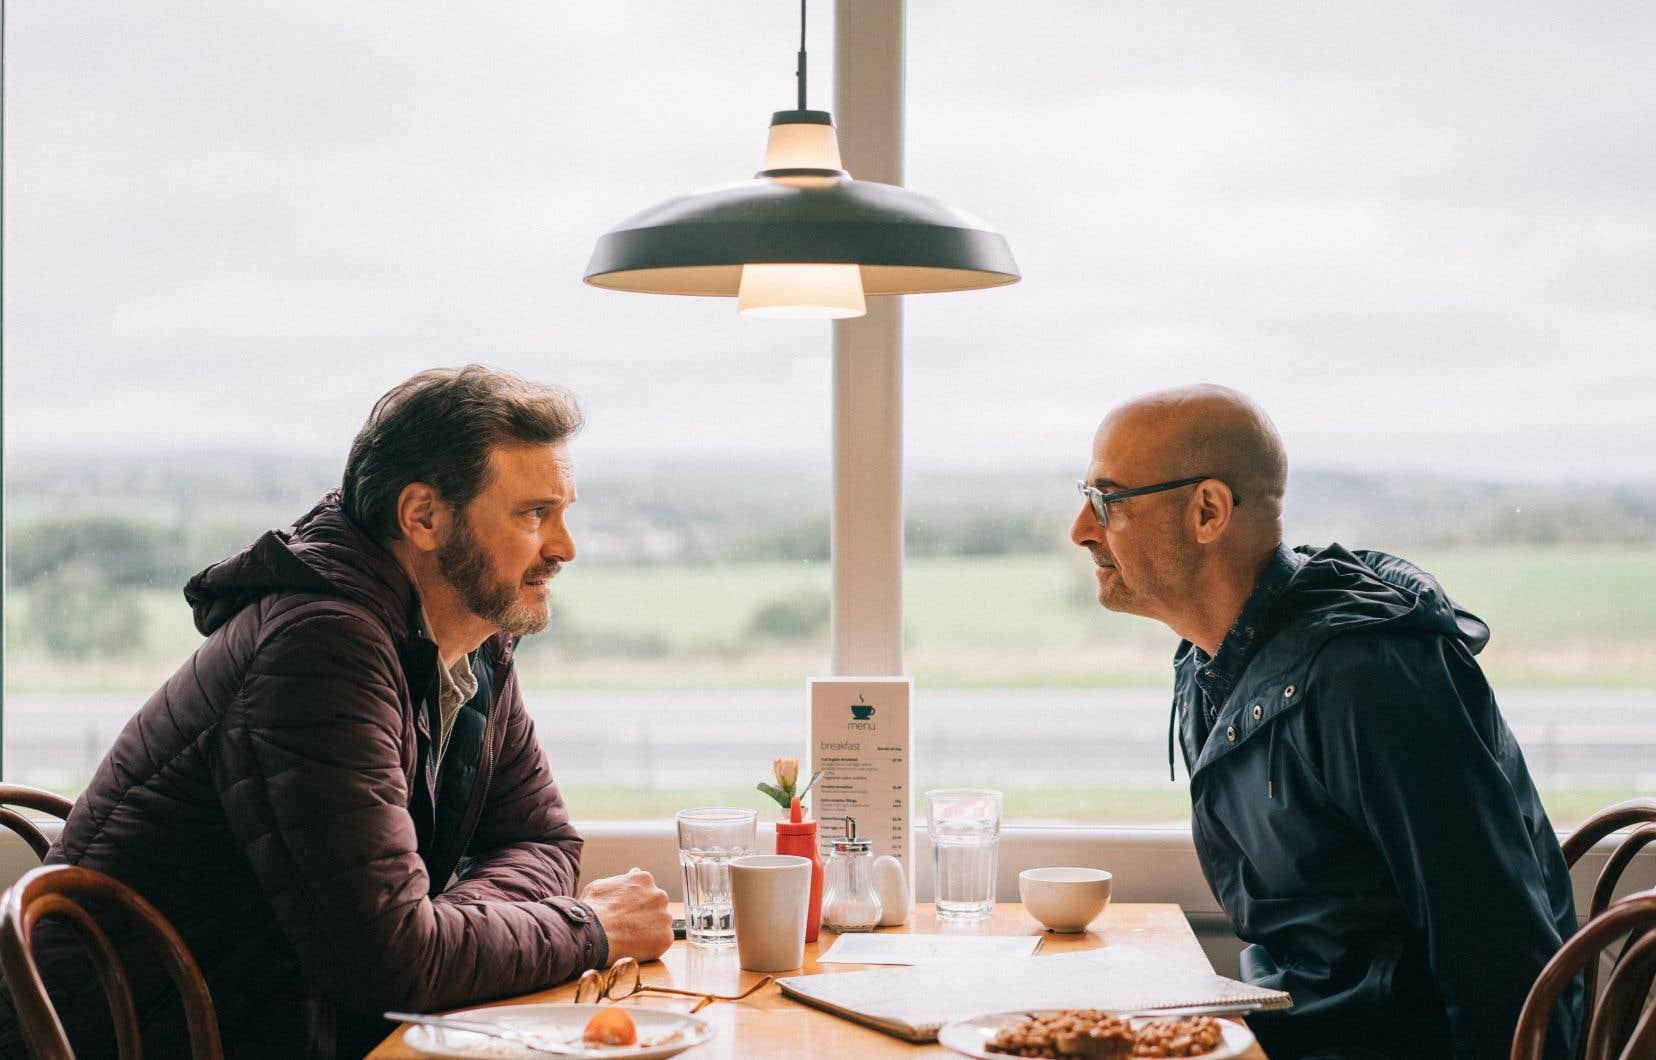 Tout d'intériorité, de connivence silencieuse et d'occasionnels éclats, Colin Firth et Stanley Tucci sont fabuleux dans «Supernova».